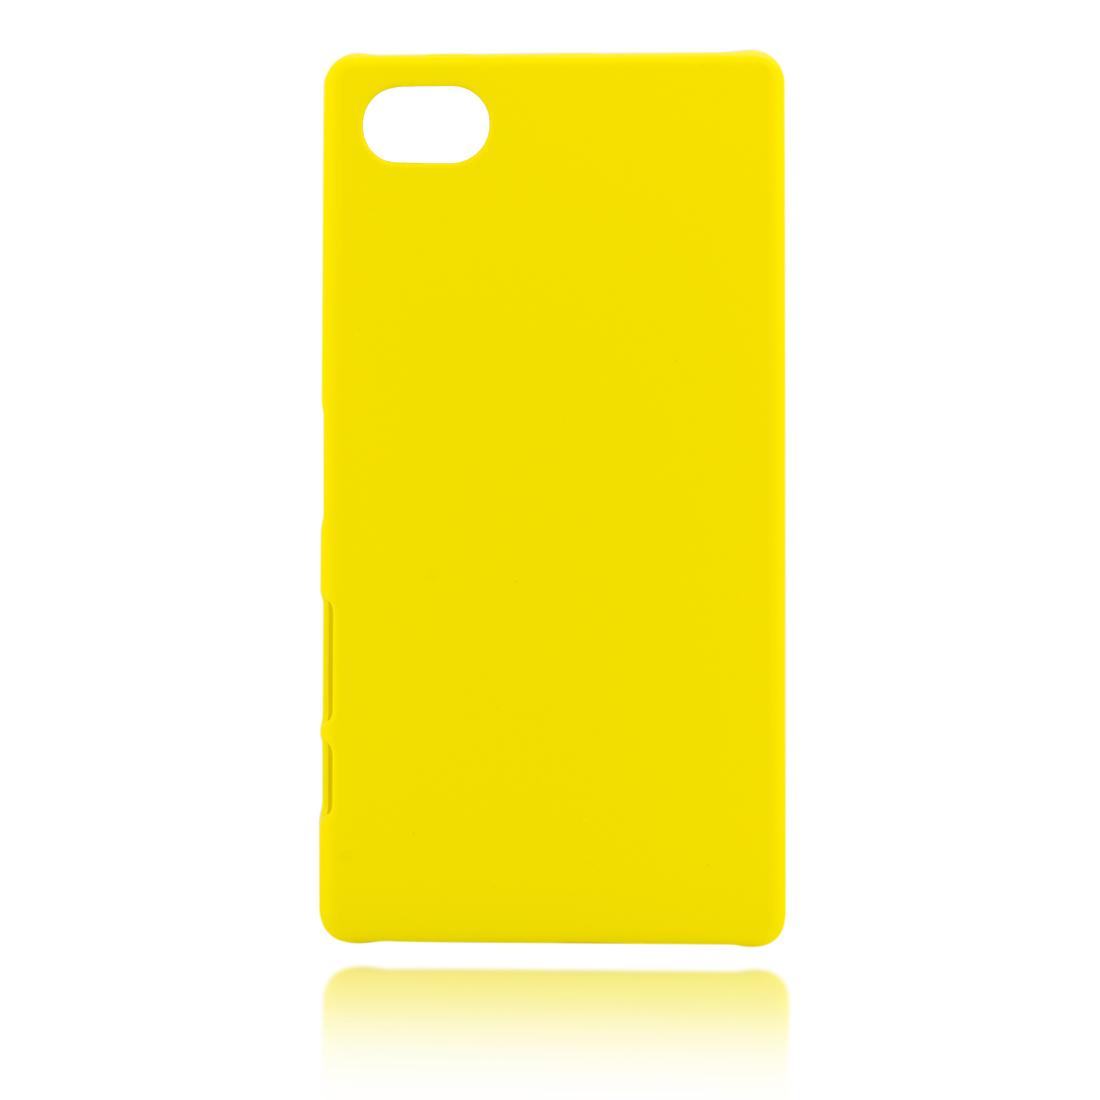 Пластиковая накладка для Xperia Z5 Compact жёлтого цвета